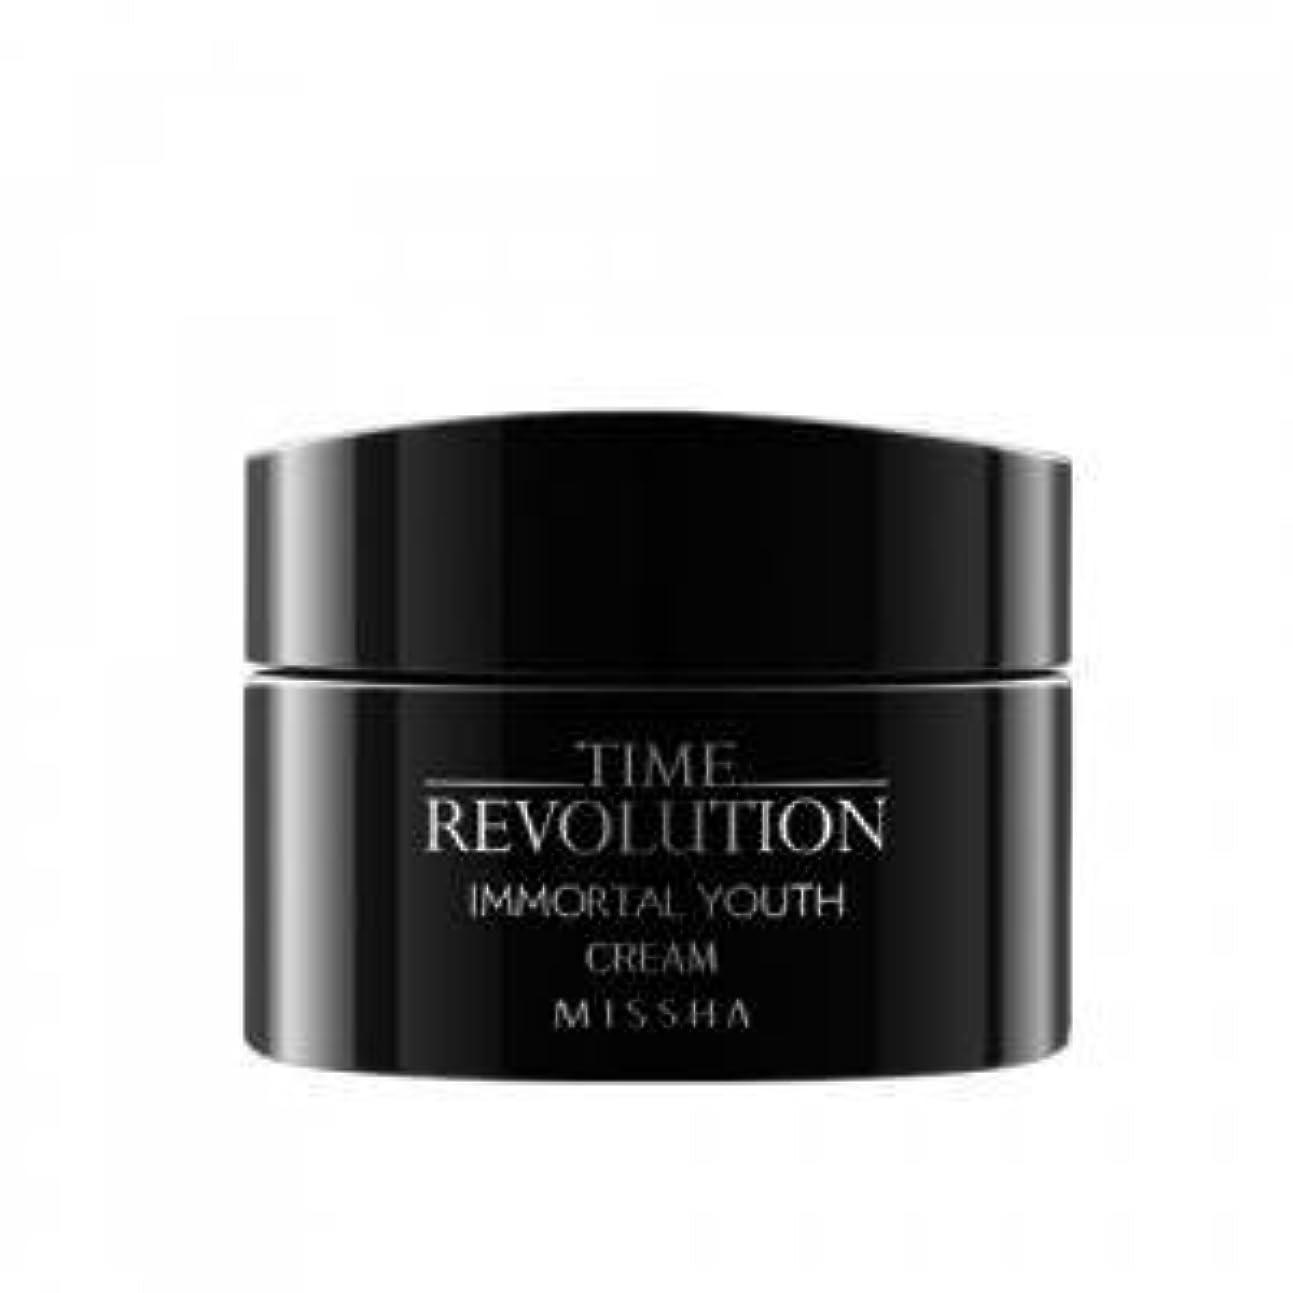 にんじん移行ボタン【MISSHA (ミシャ)】 Time Revolution Immortal Youth Cream タイムレボリューション イモータルユース クリーム